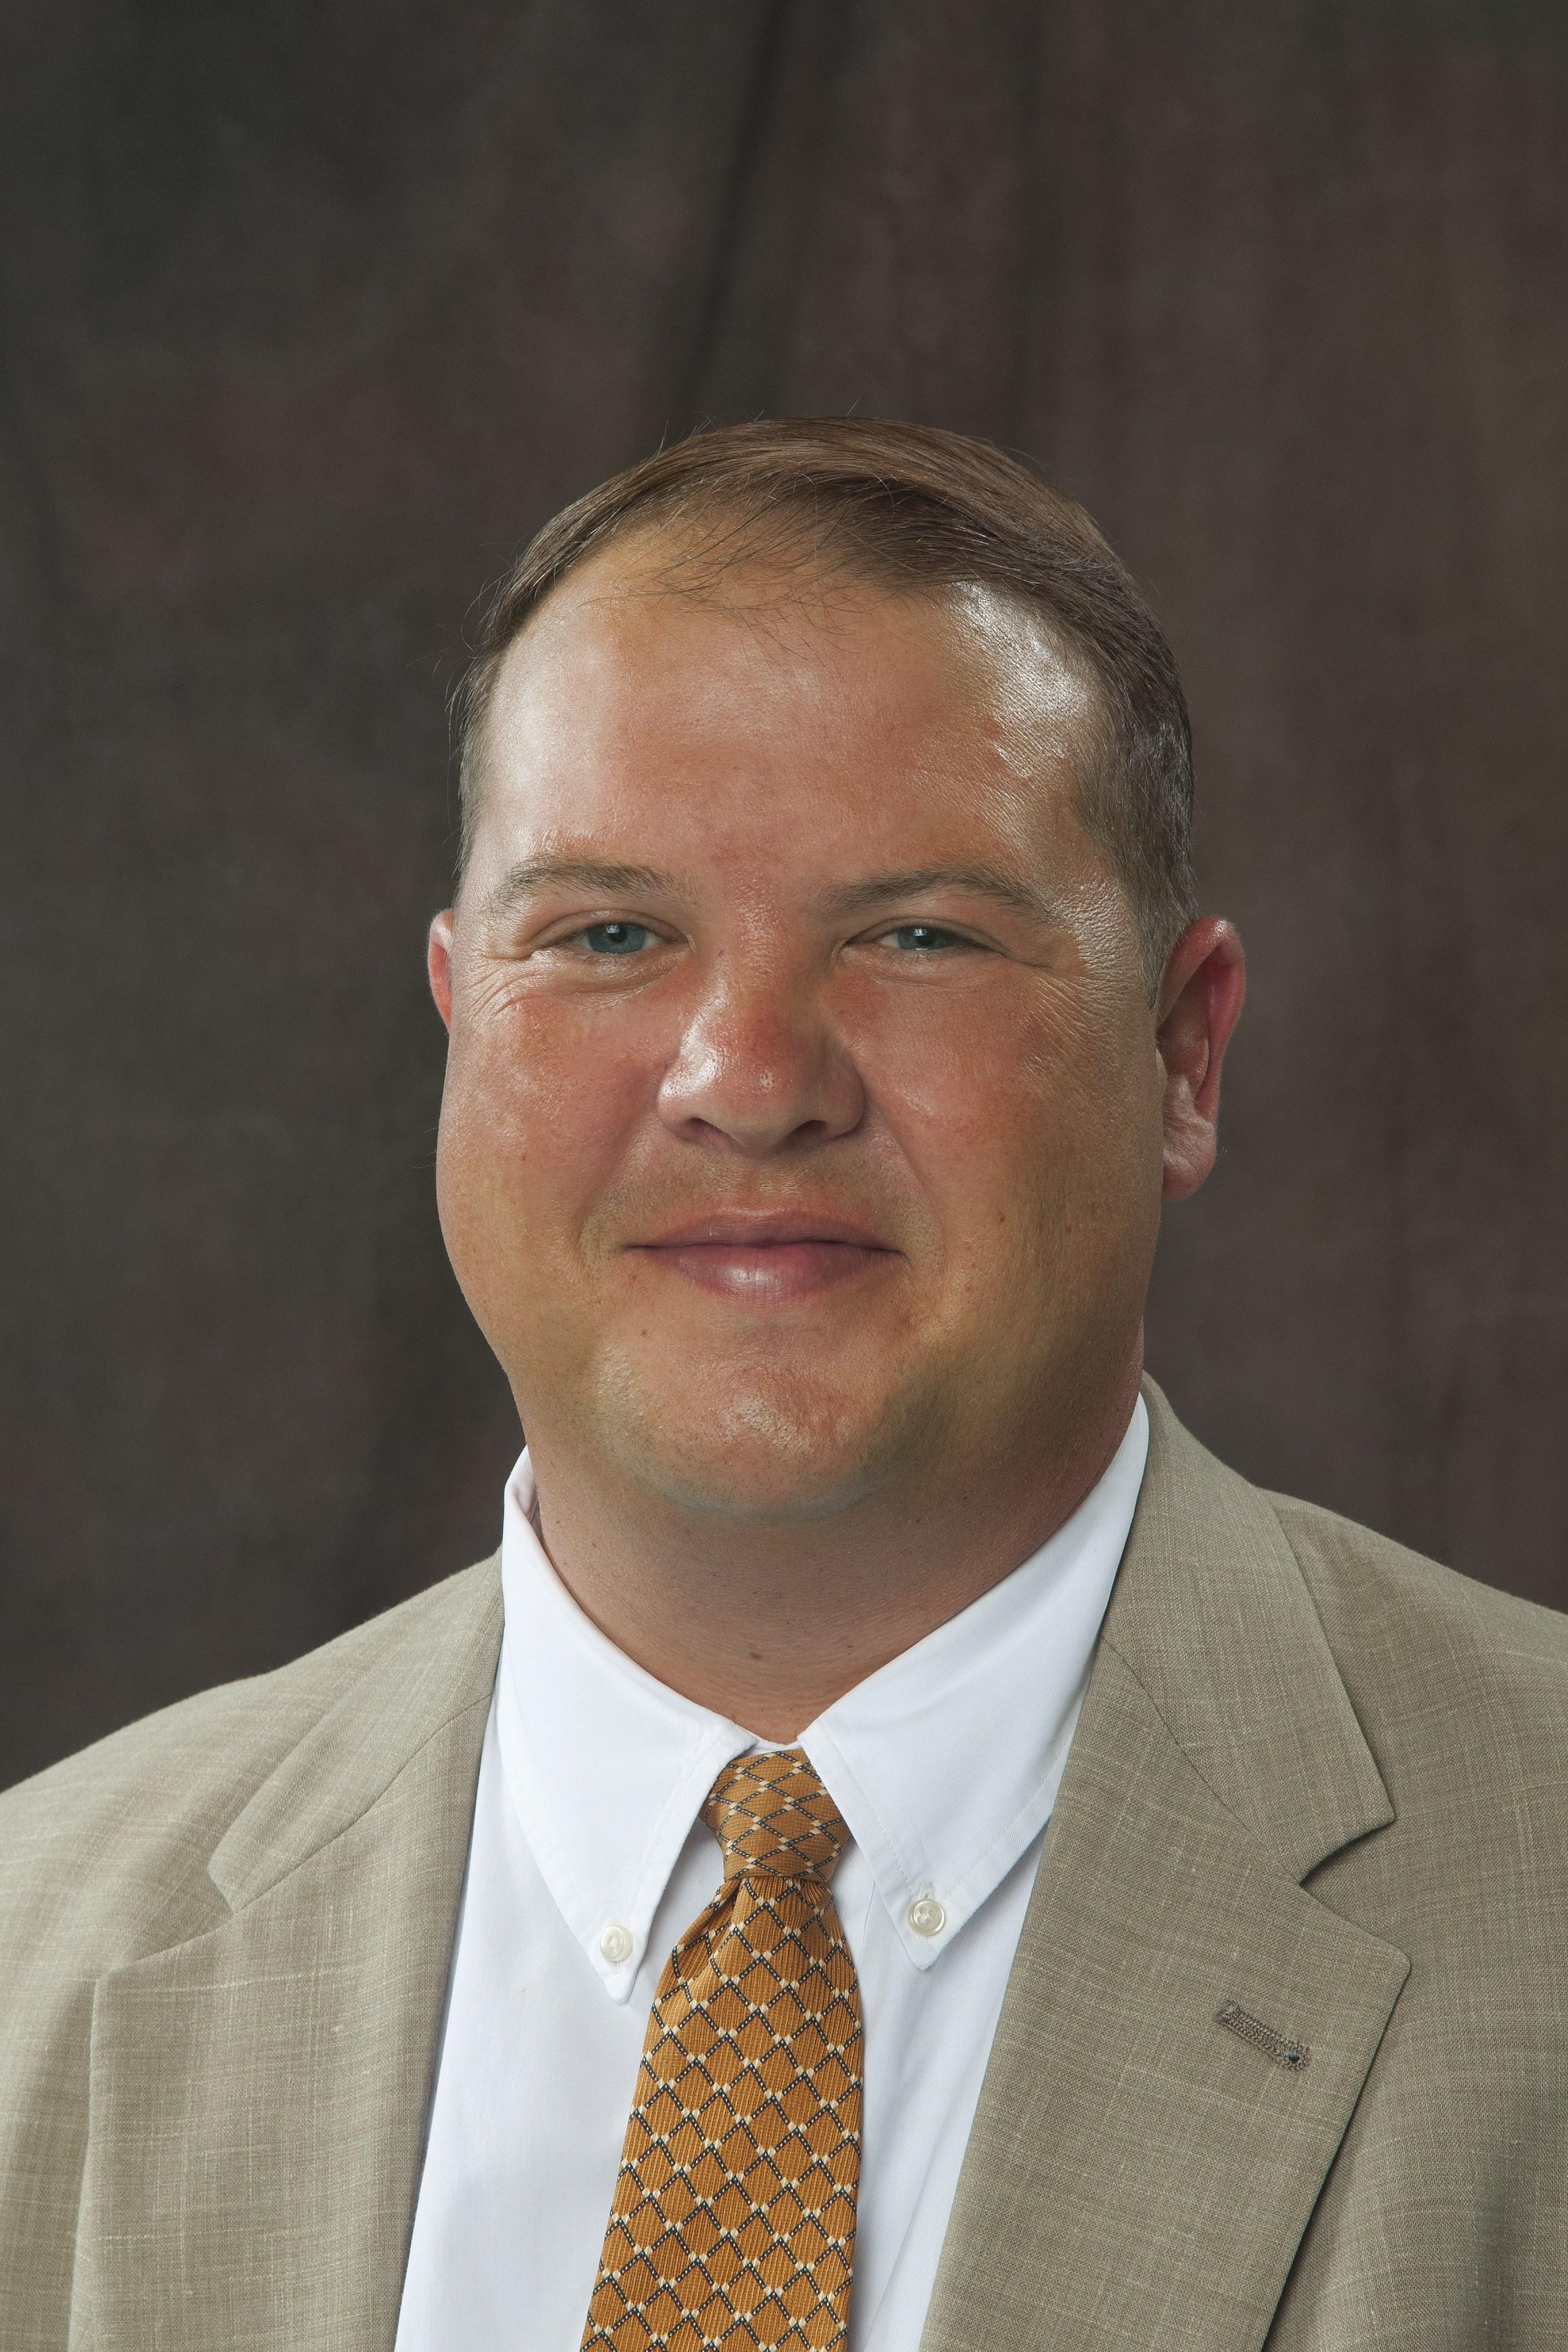 Image of Dr. Dan Altman